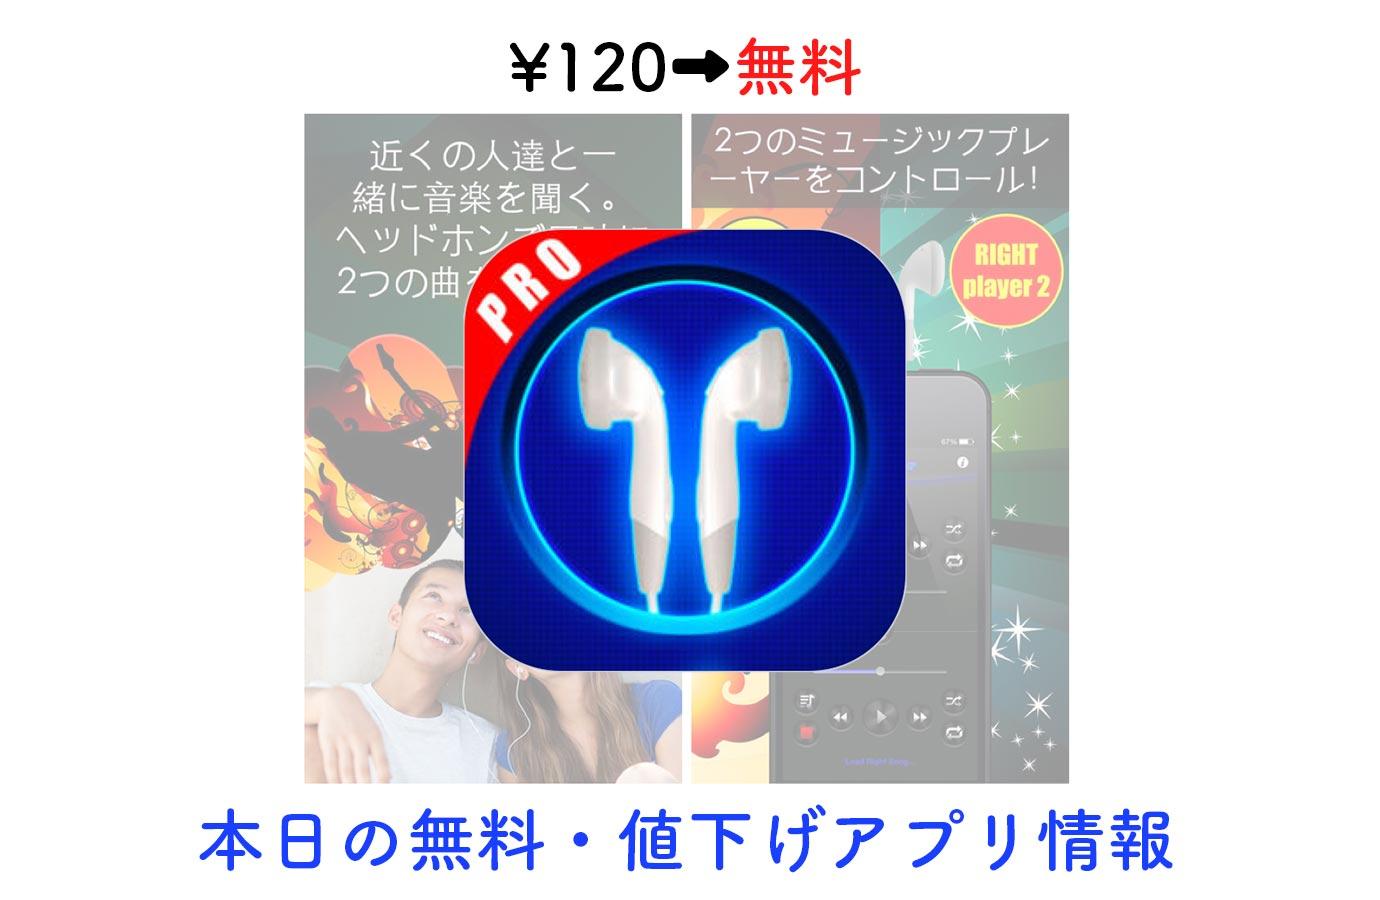 ¥120→無料、イヤホンで左右から別の曲が流せる「Double Player」など【12/27】本日の無料・値下げアプリ情報